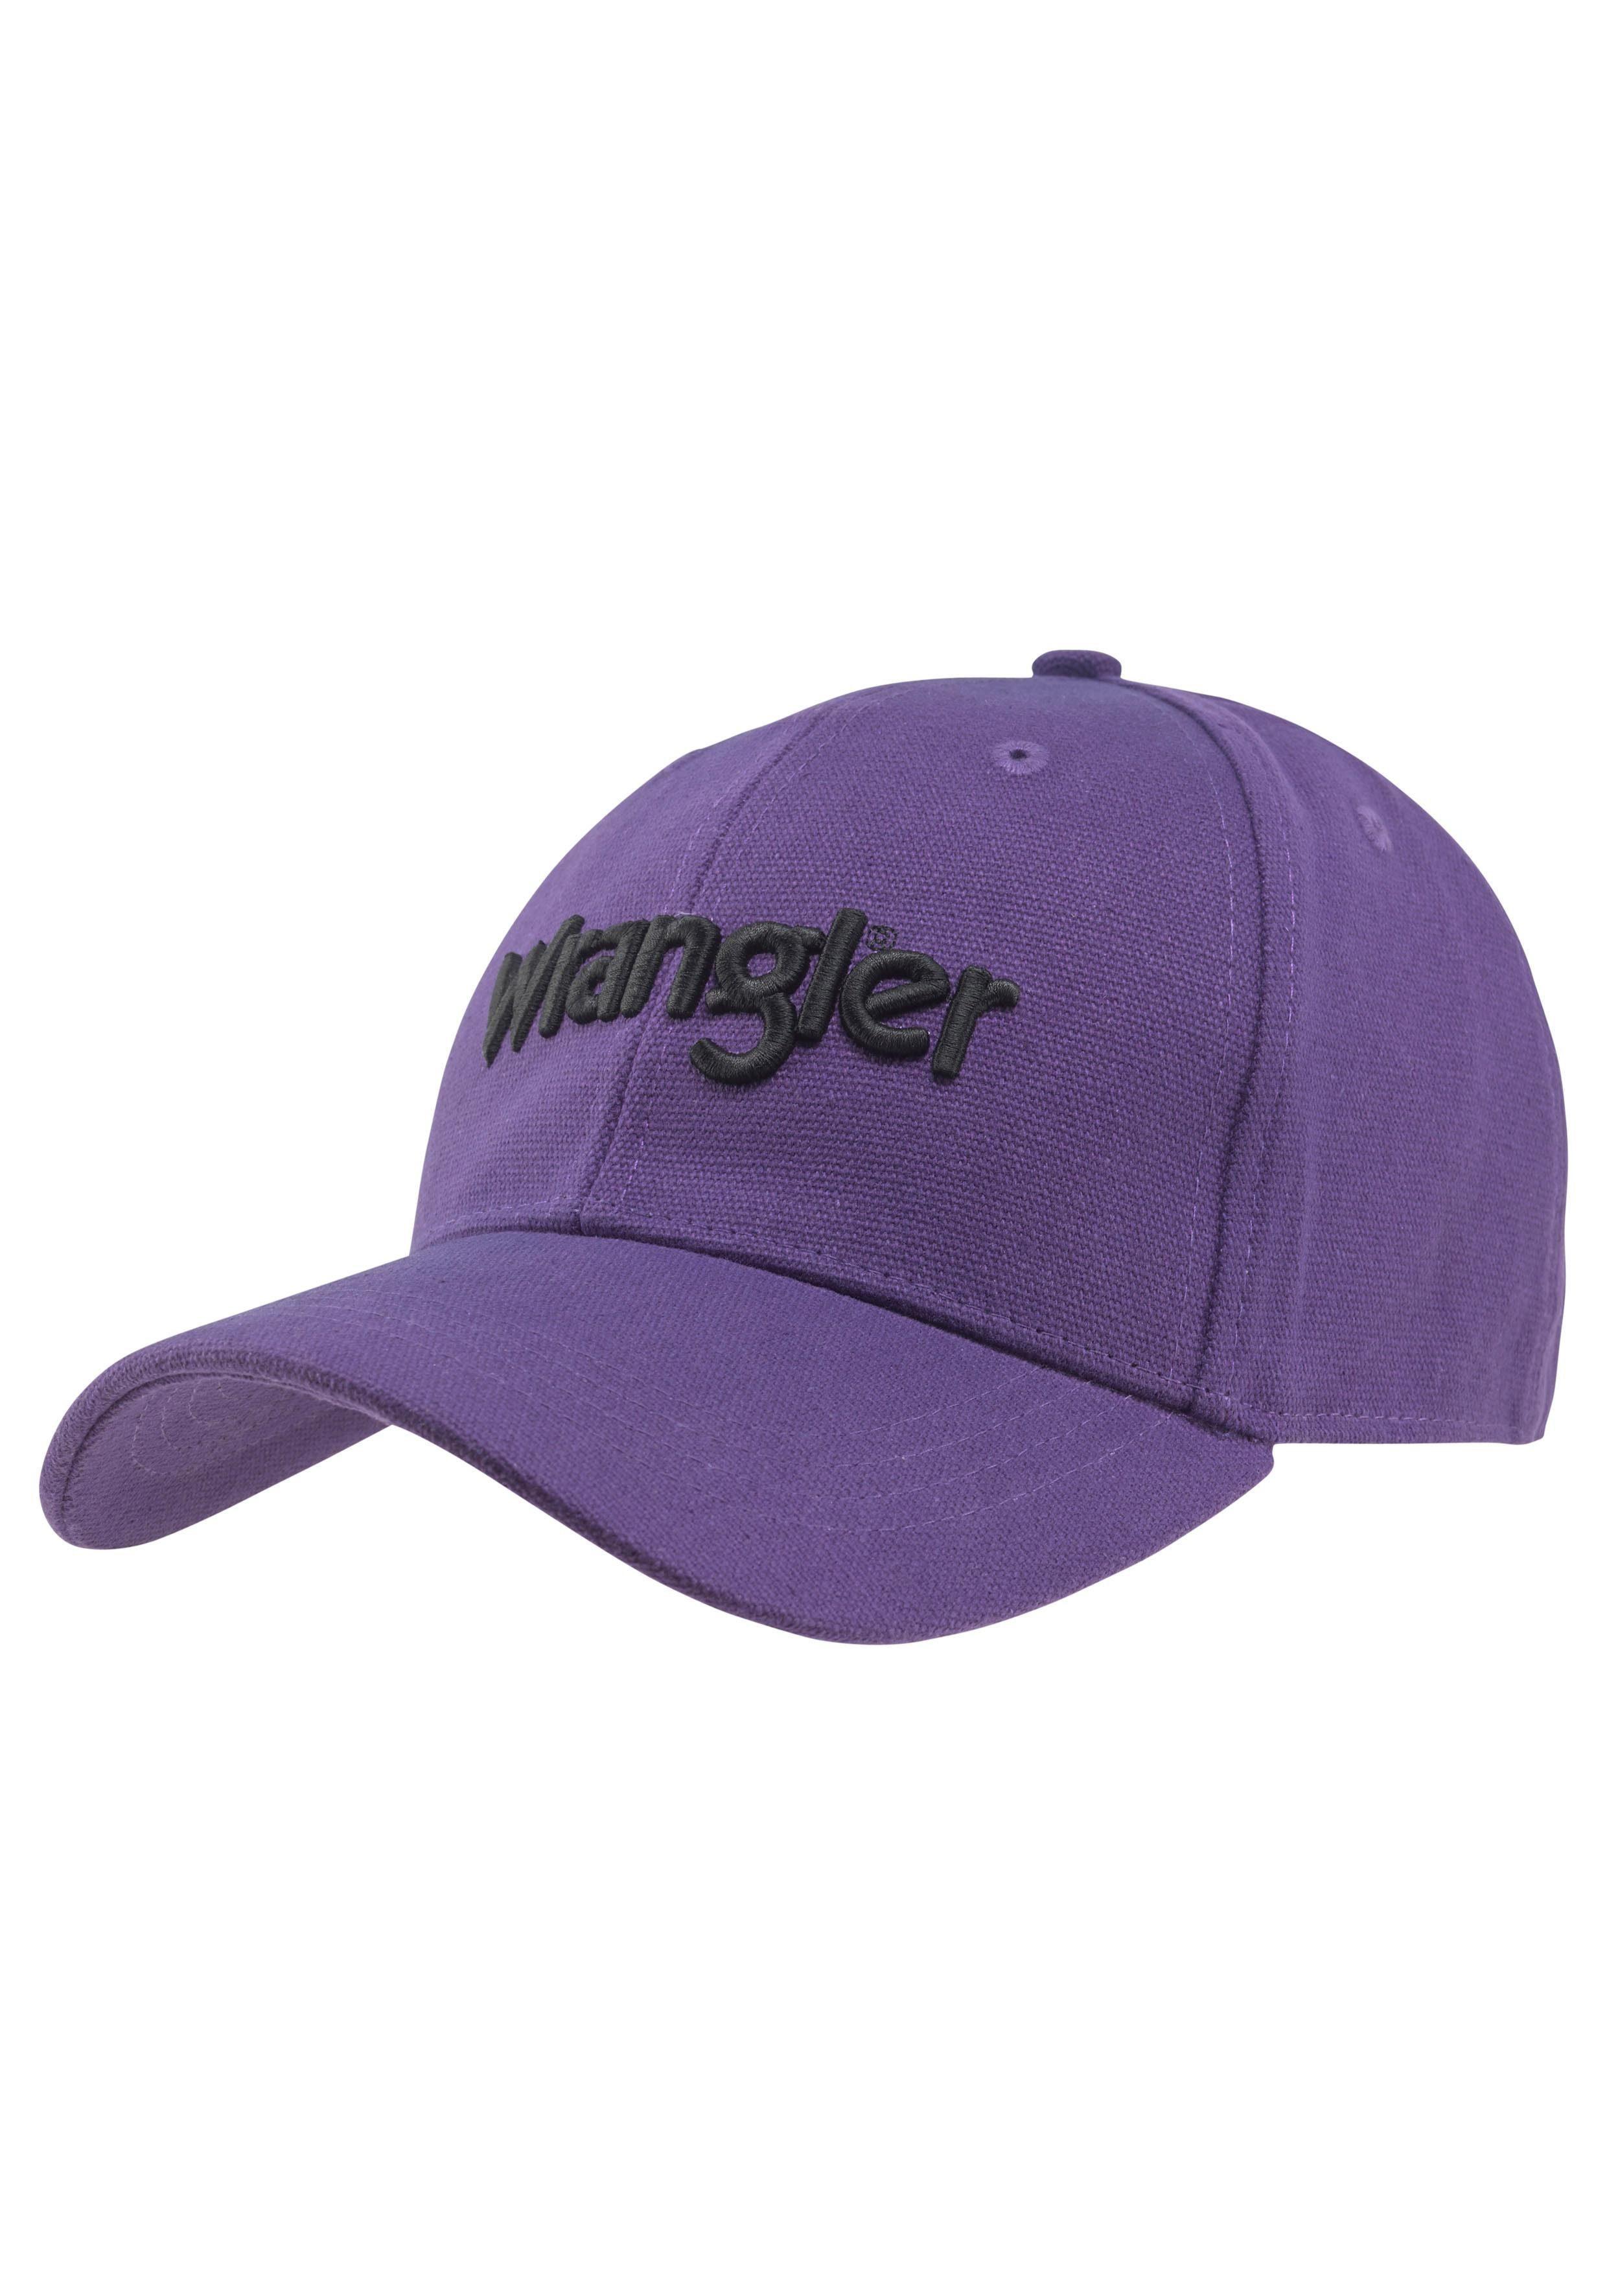 Wrangler Baseball Cap